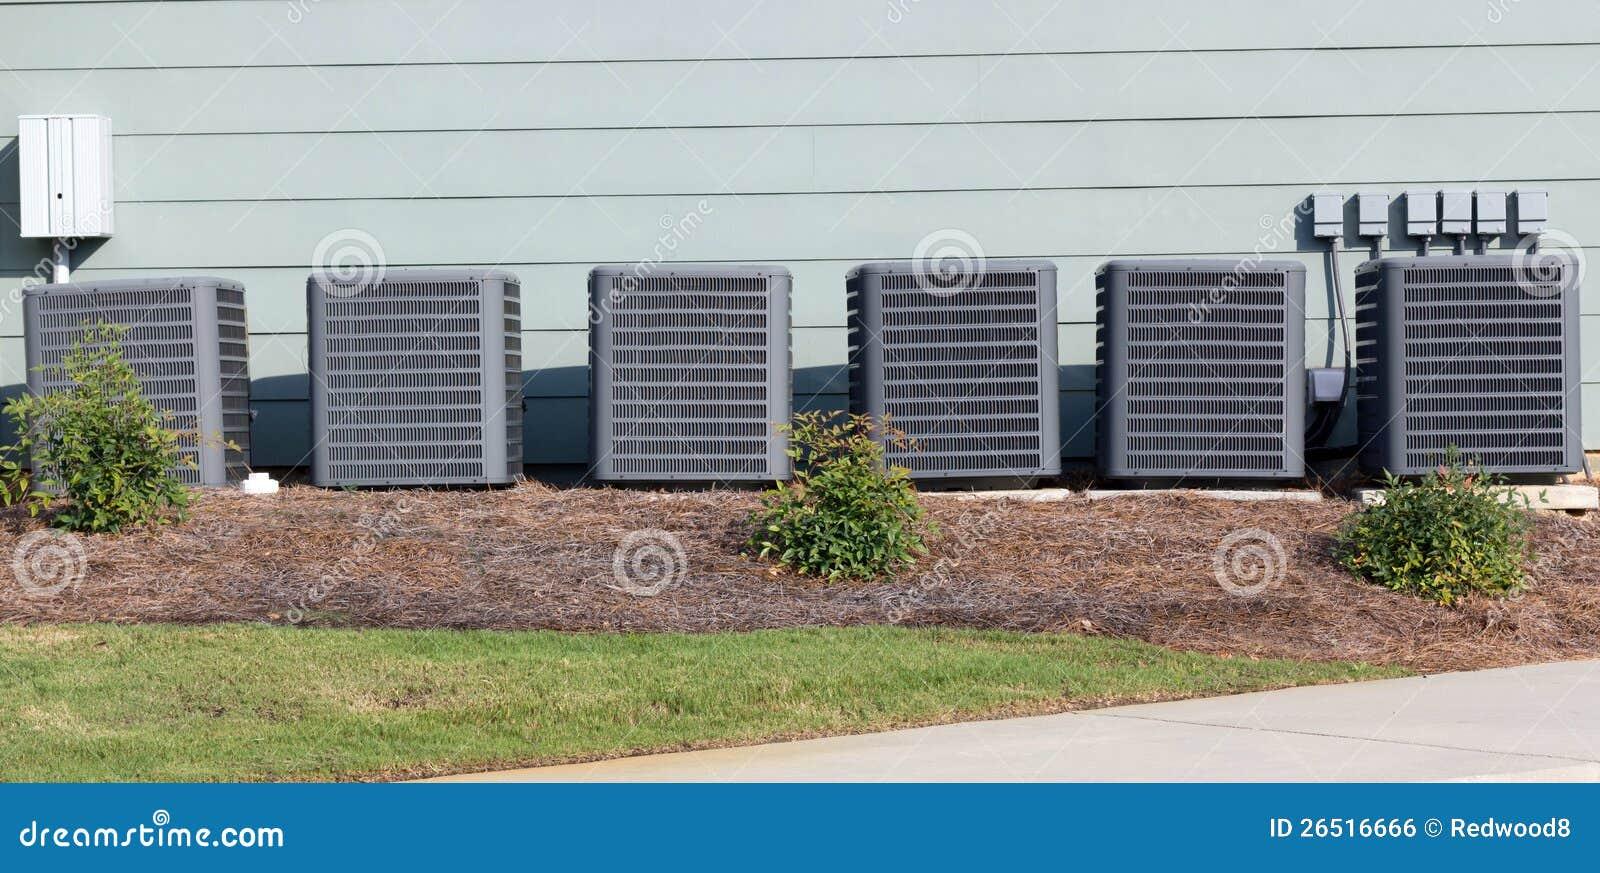 多个商业空调装置